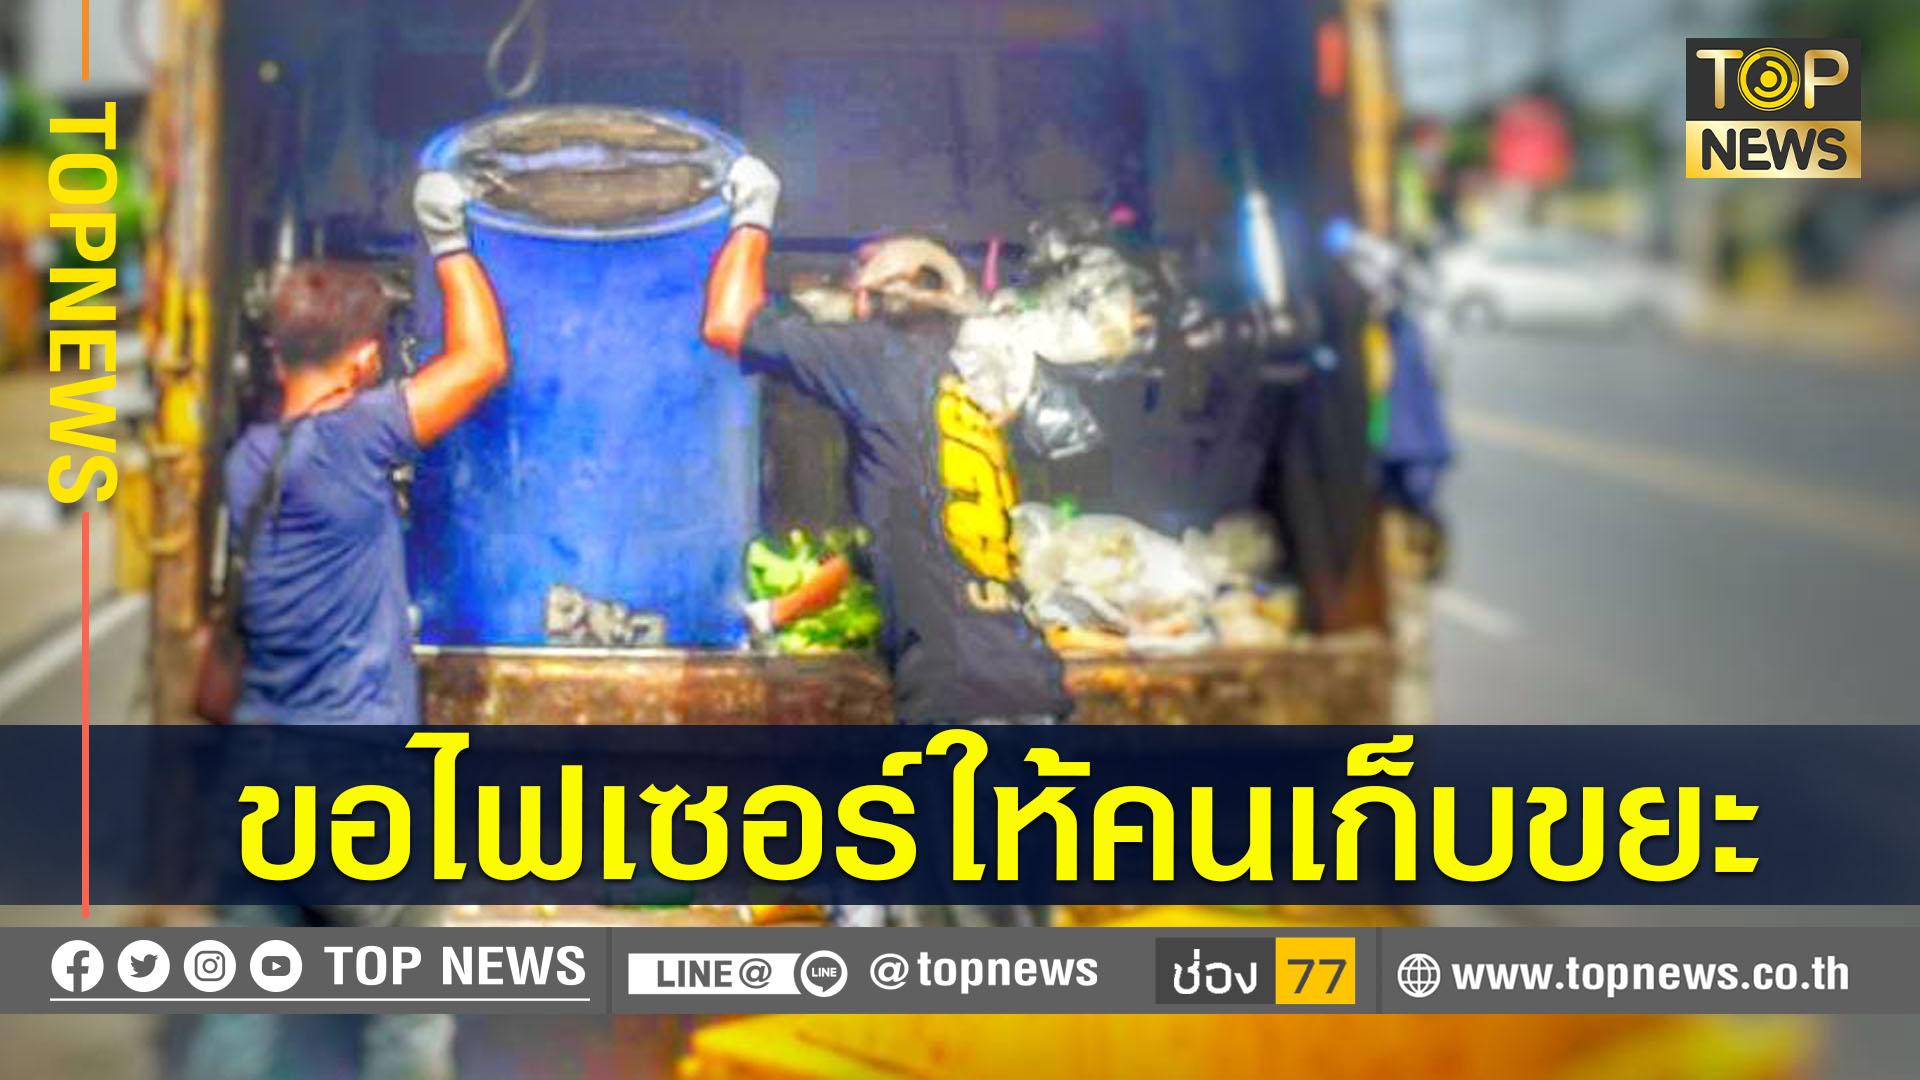 ปทุมธานี วอนขอไฟเซอร์ให้คนเก็บขยะทั่วประเทศ